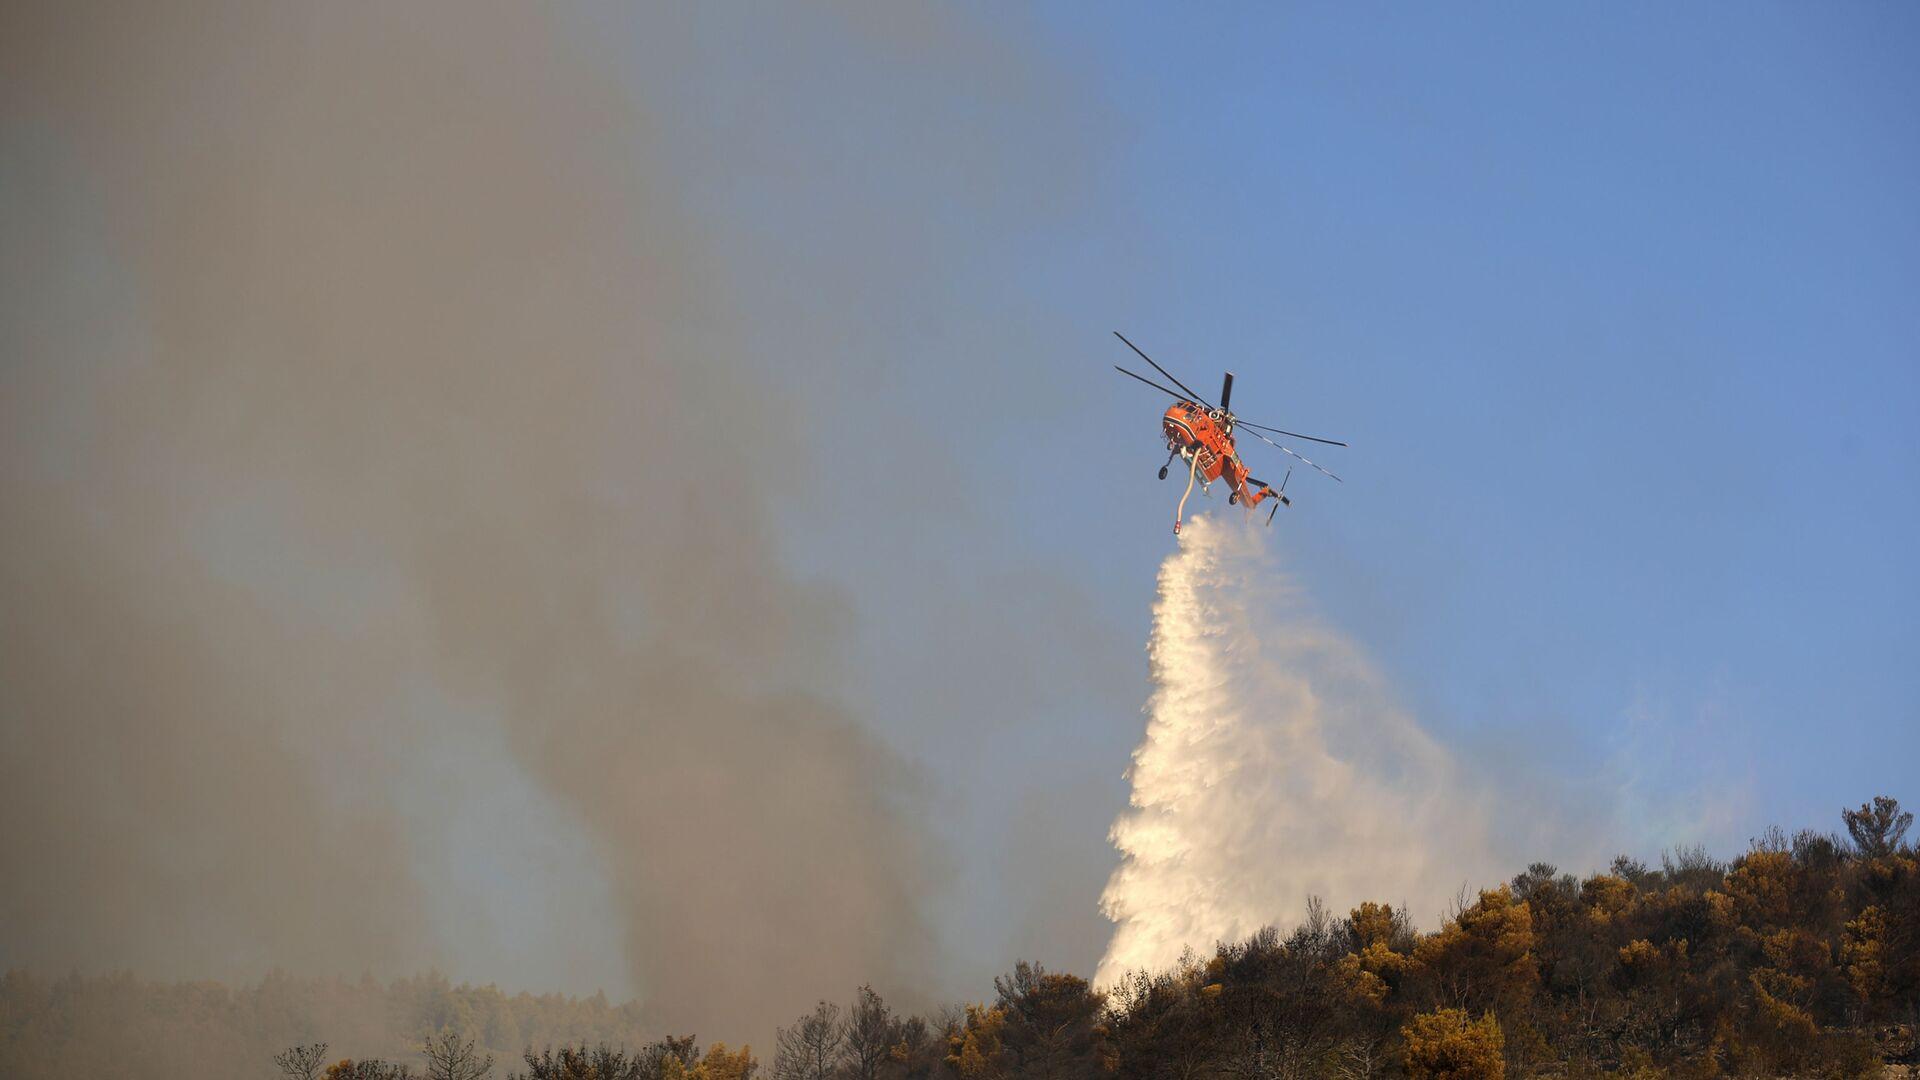 Helikopter gasi pożar w pobliżu greckiego miasta Peania - Sputnik Polska, 1920, 05.08.2021